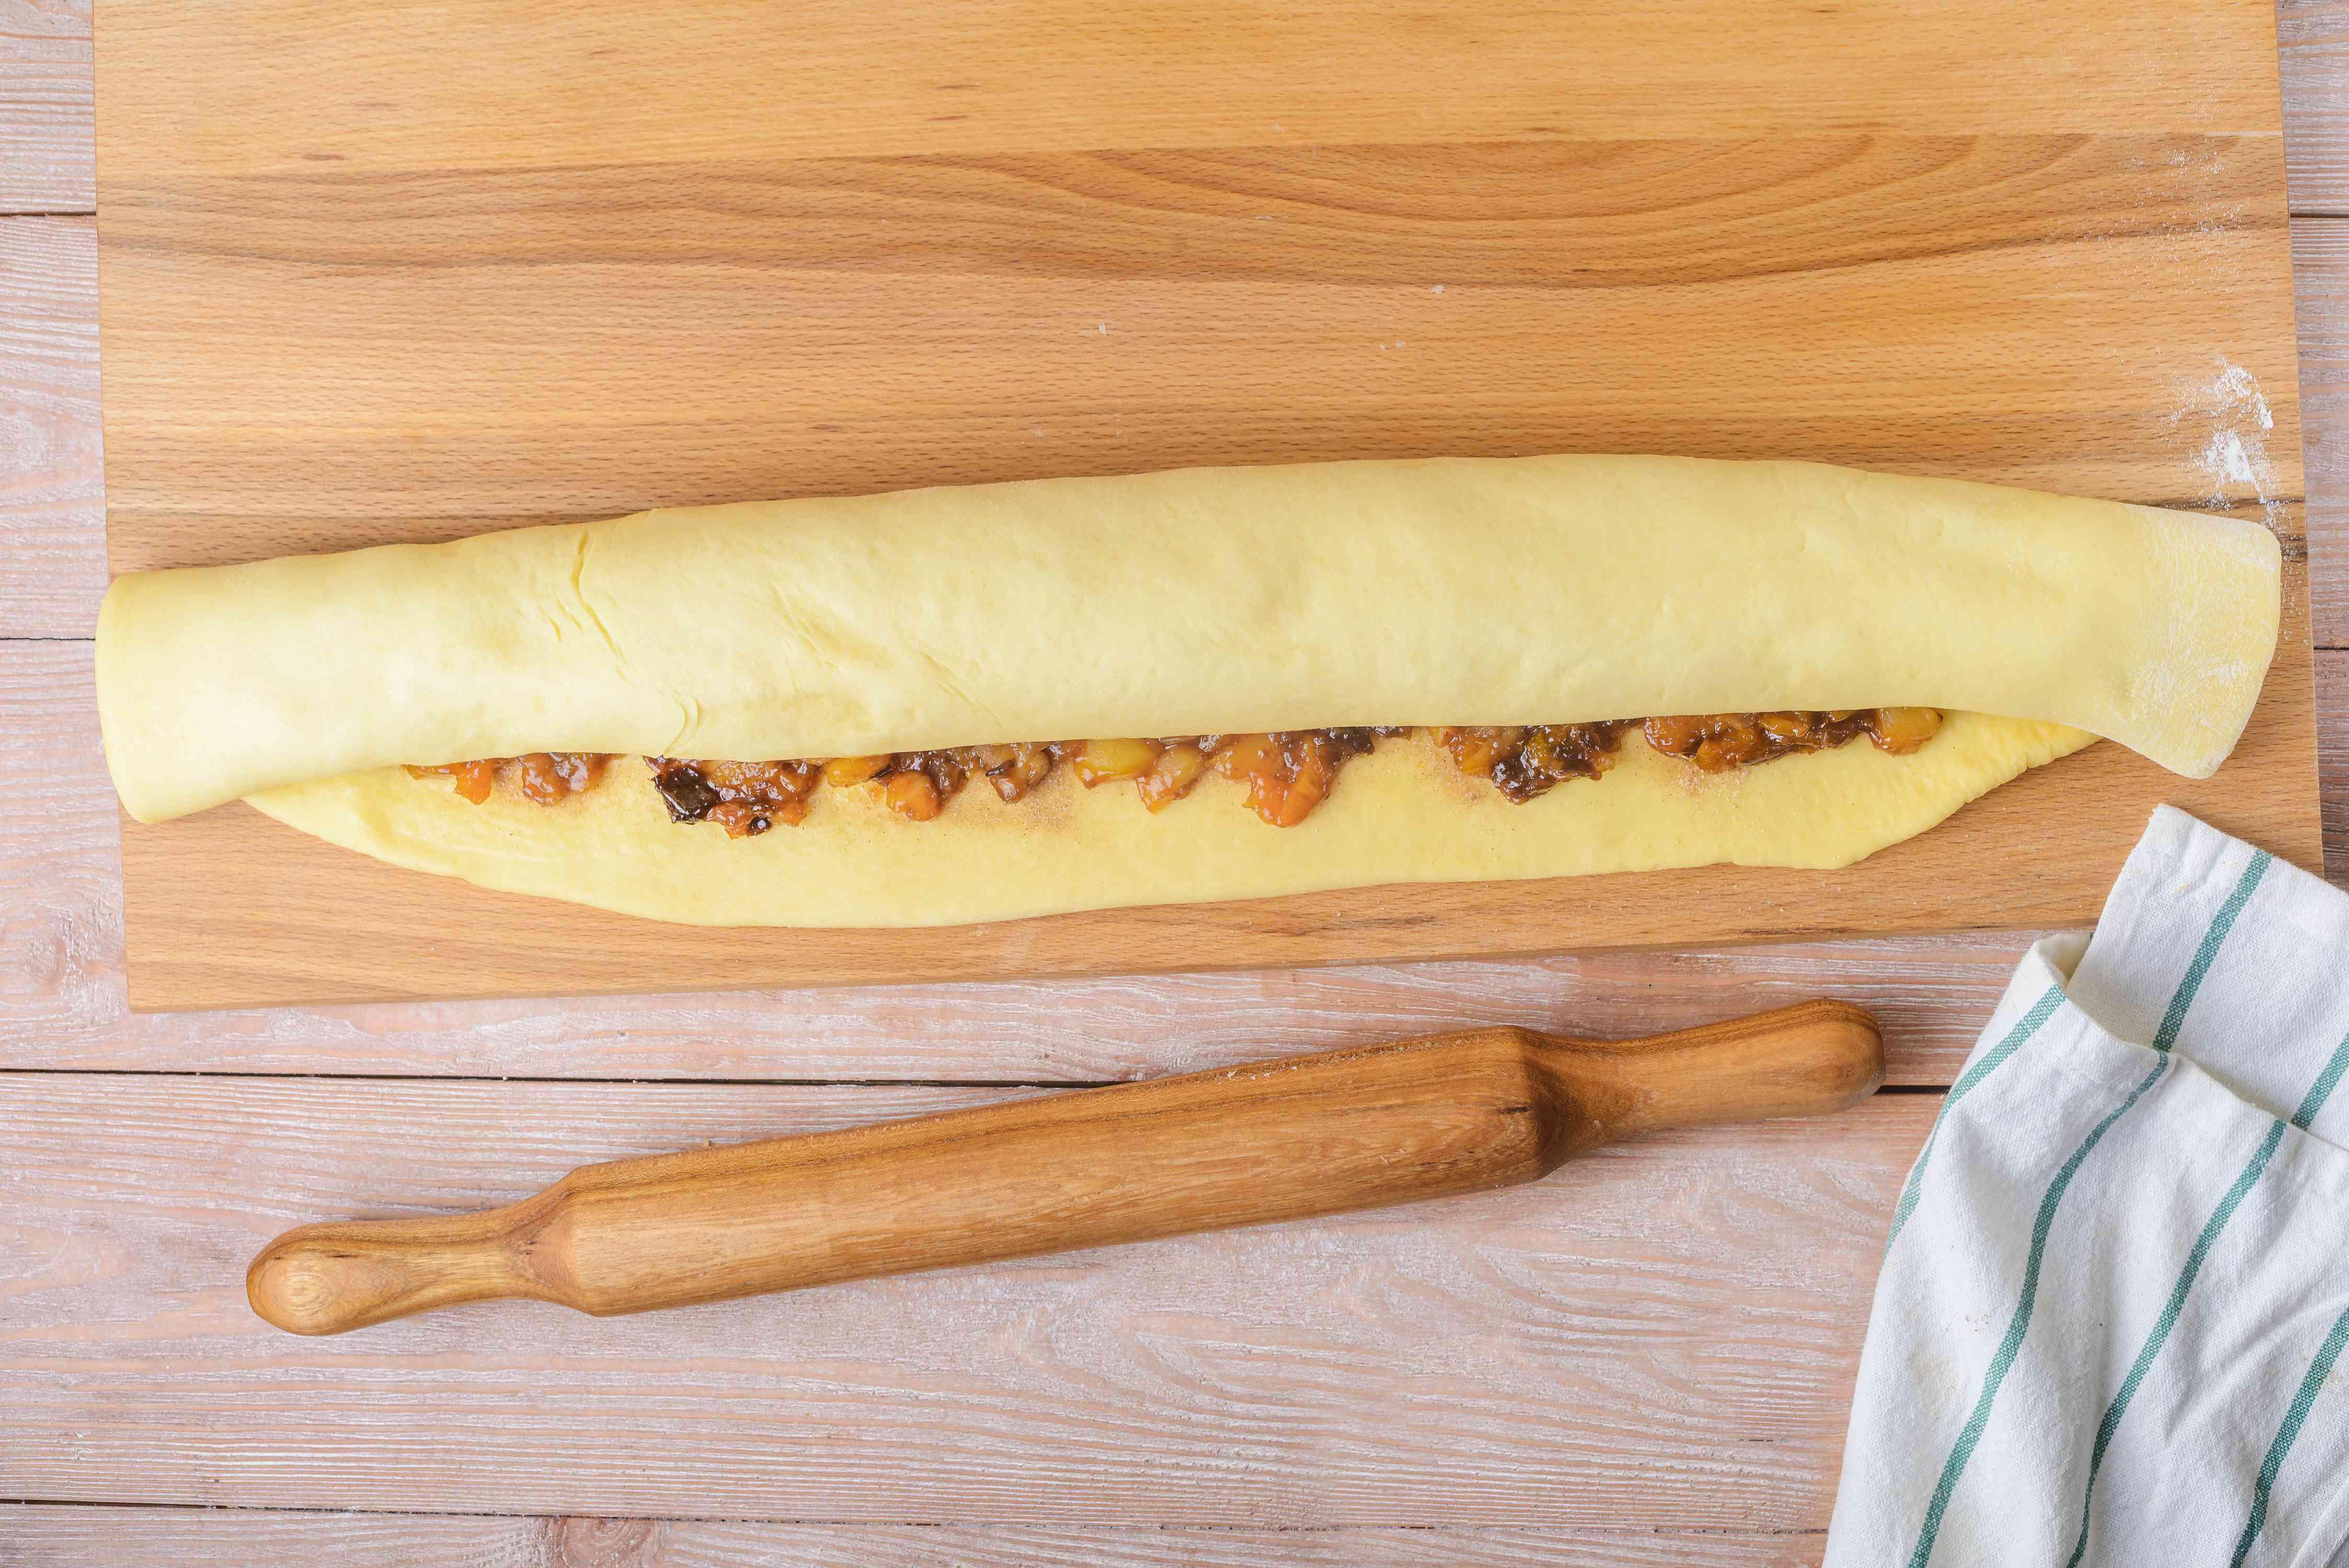 Roll up dough